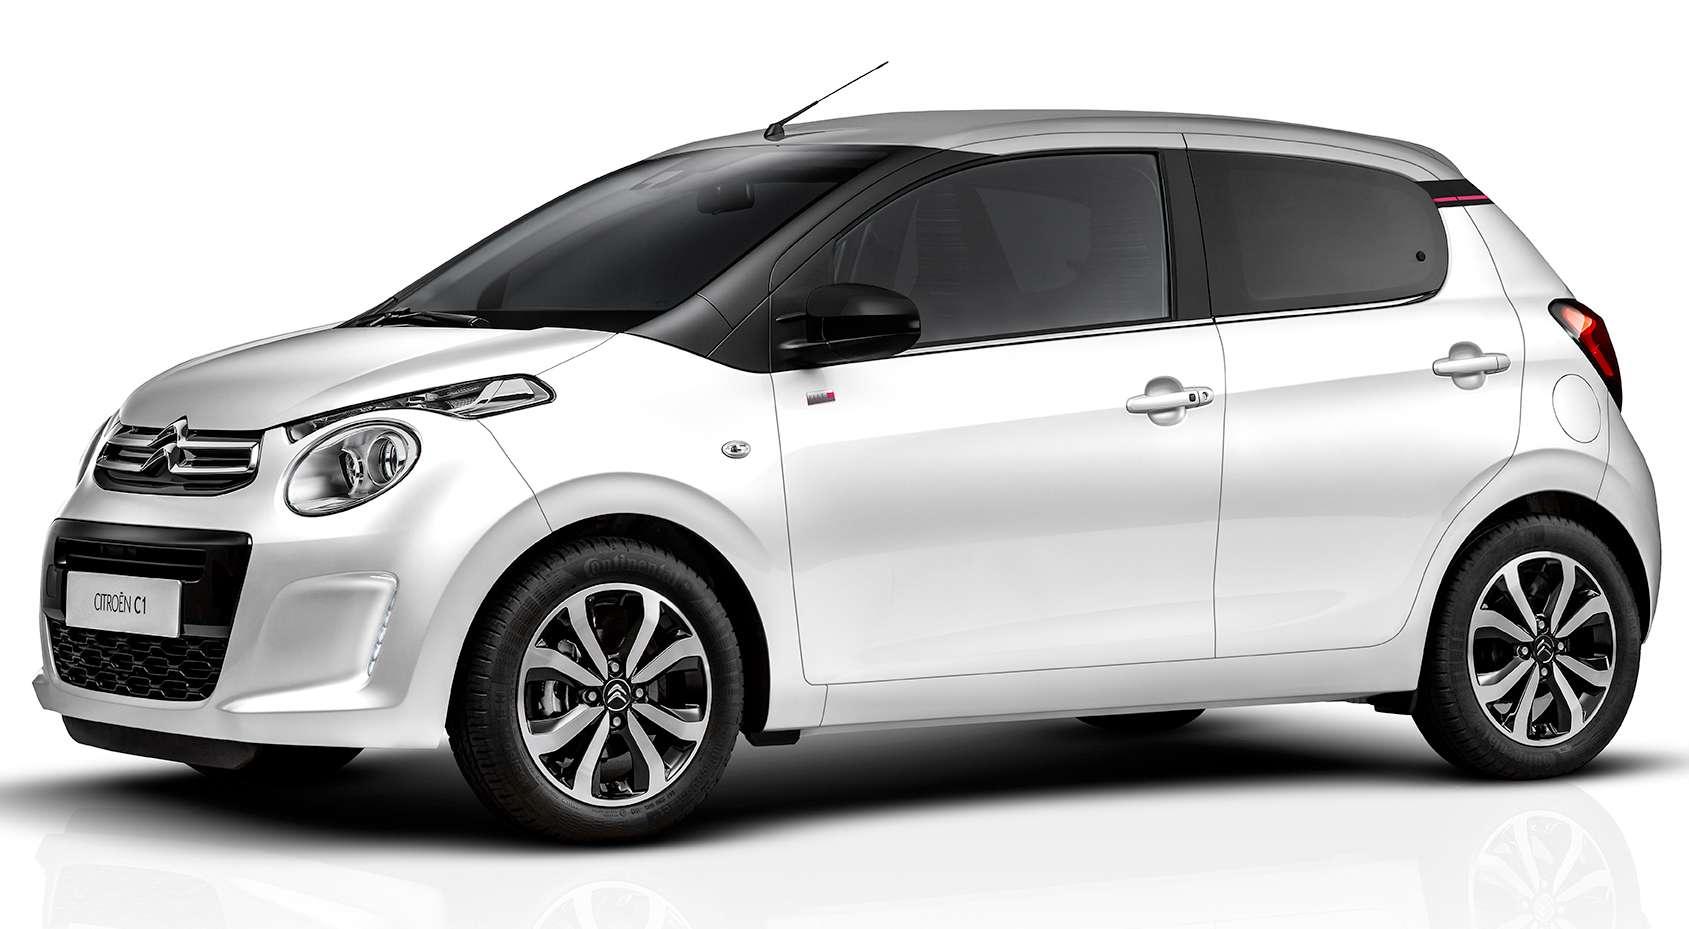 CITROËN C1 1.0 VTi72 Feel Micro car 5-door